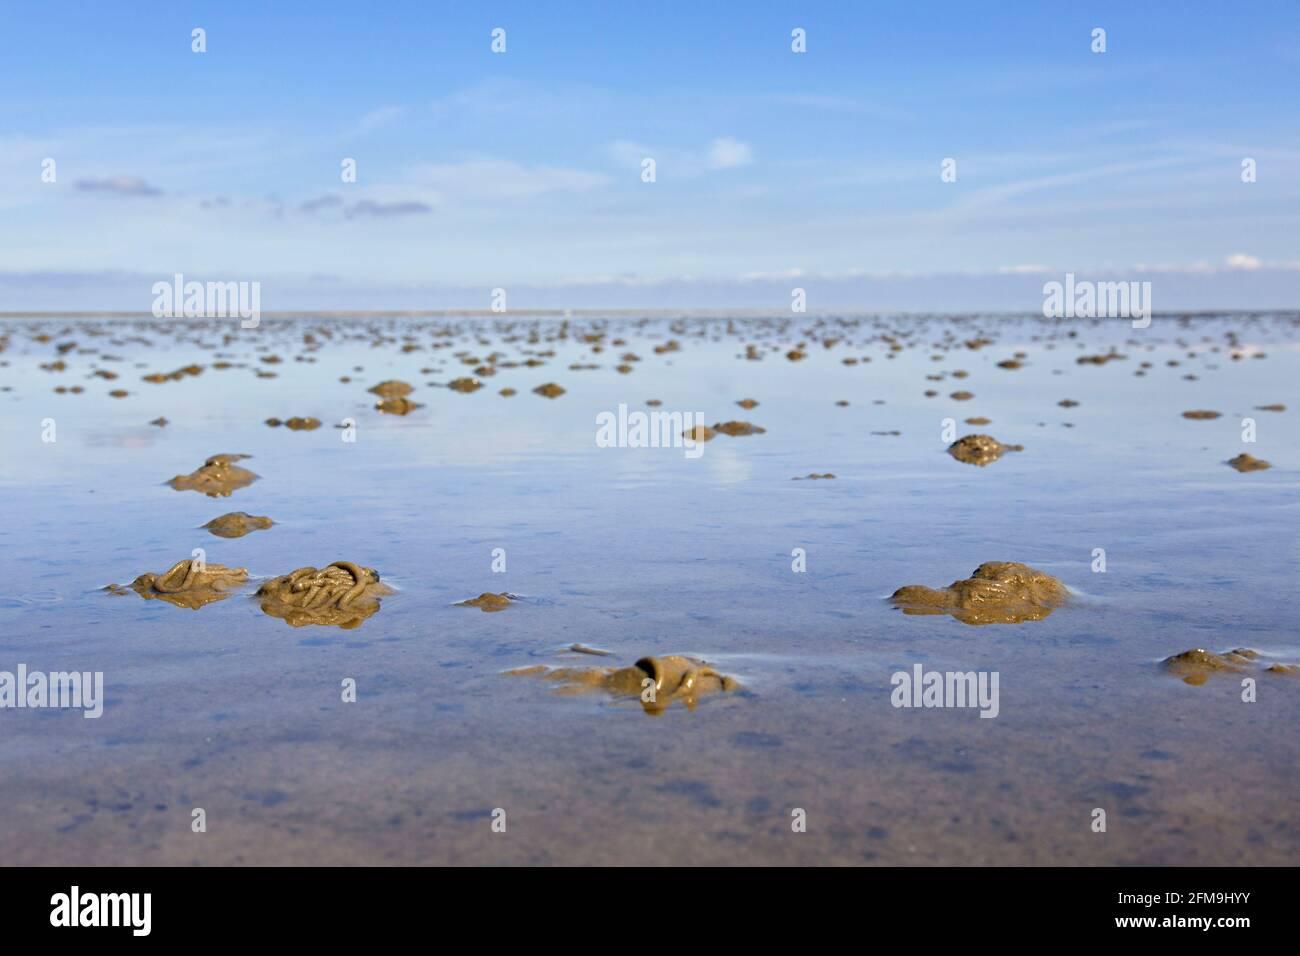 Ver à soie / ver à sable européen (marina d'Arenicola) moulages de sédiments déférés sur la plage à marée basse Banque D'Images